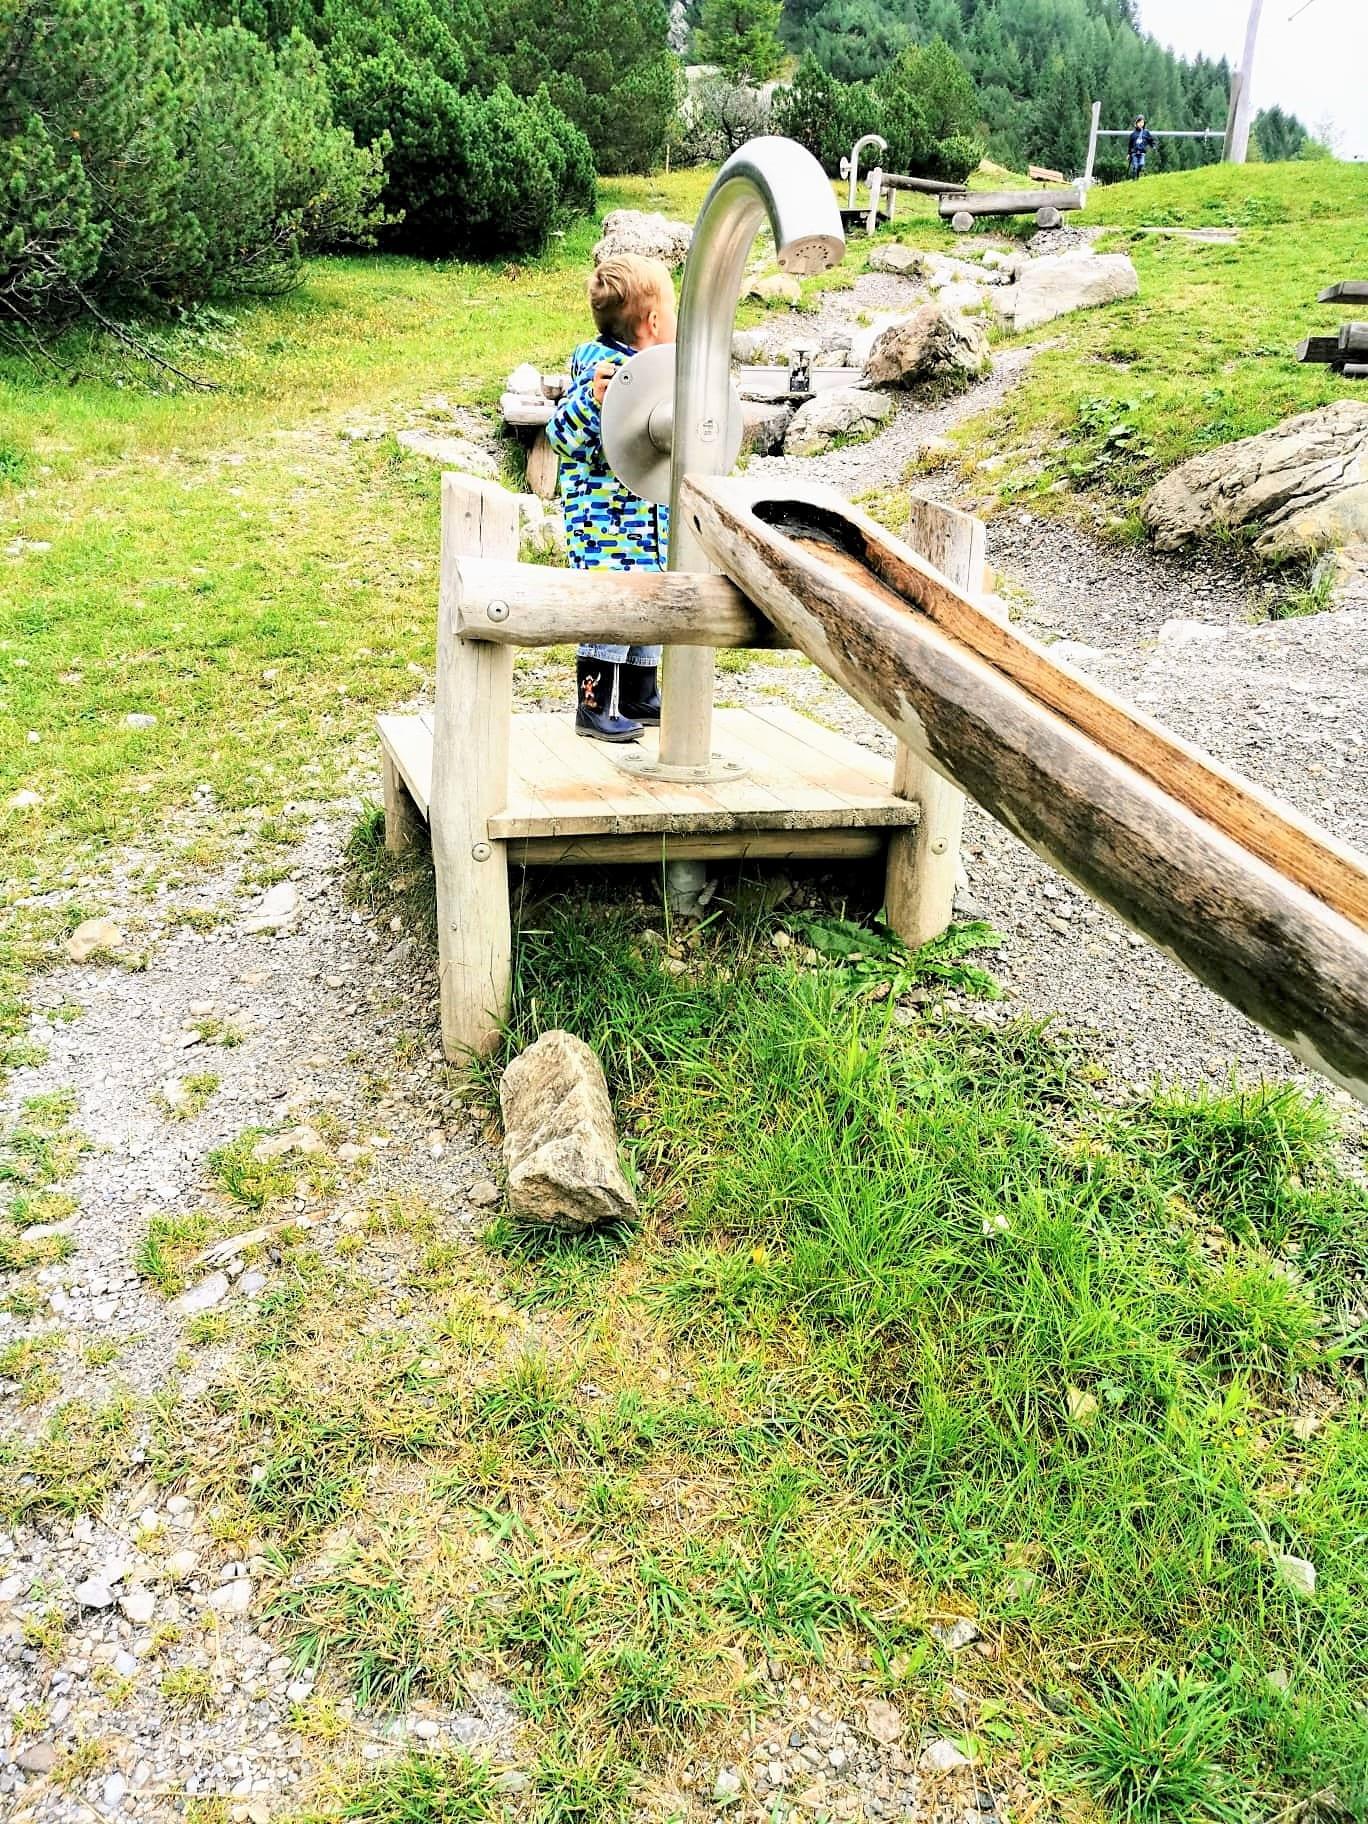 Wasserspielplatz Malbun - Liechtenstein